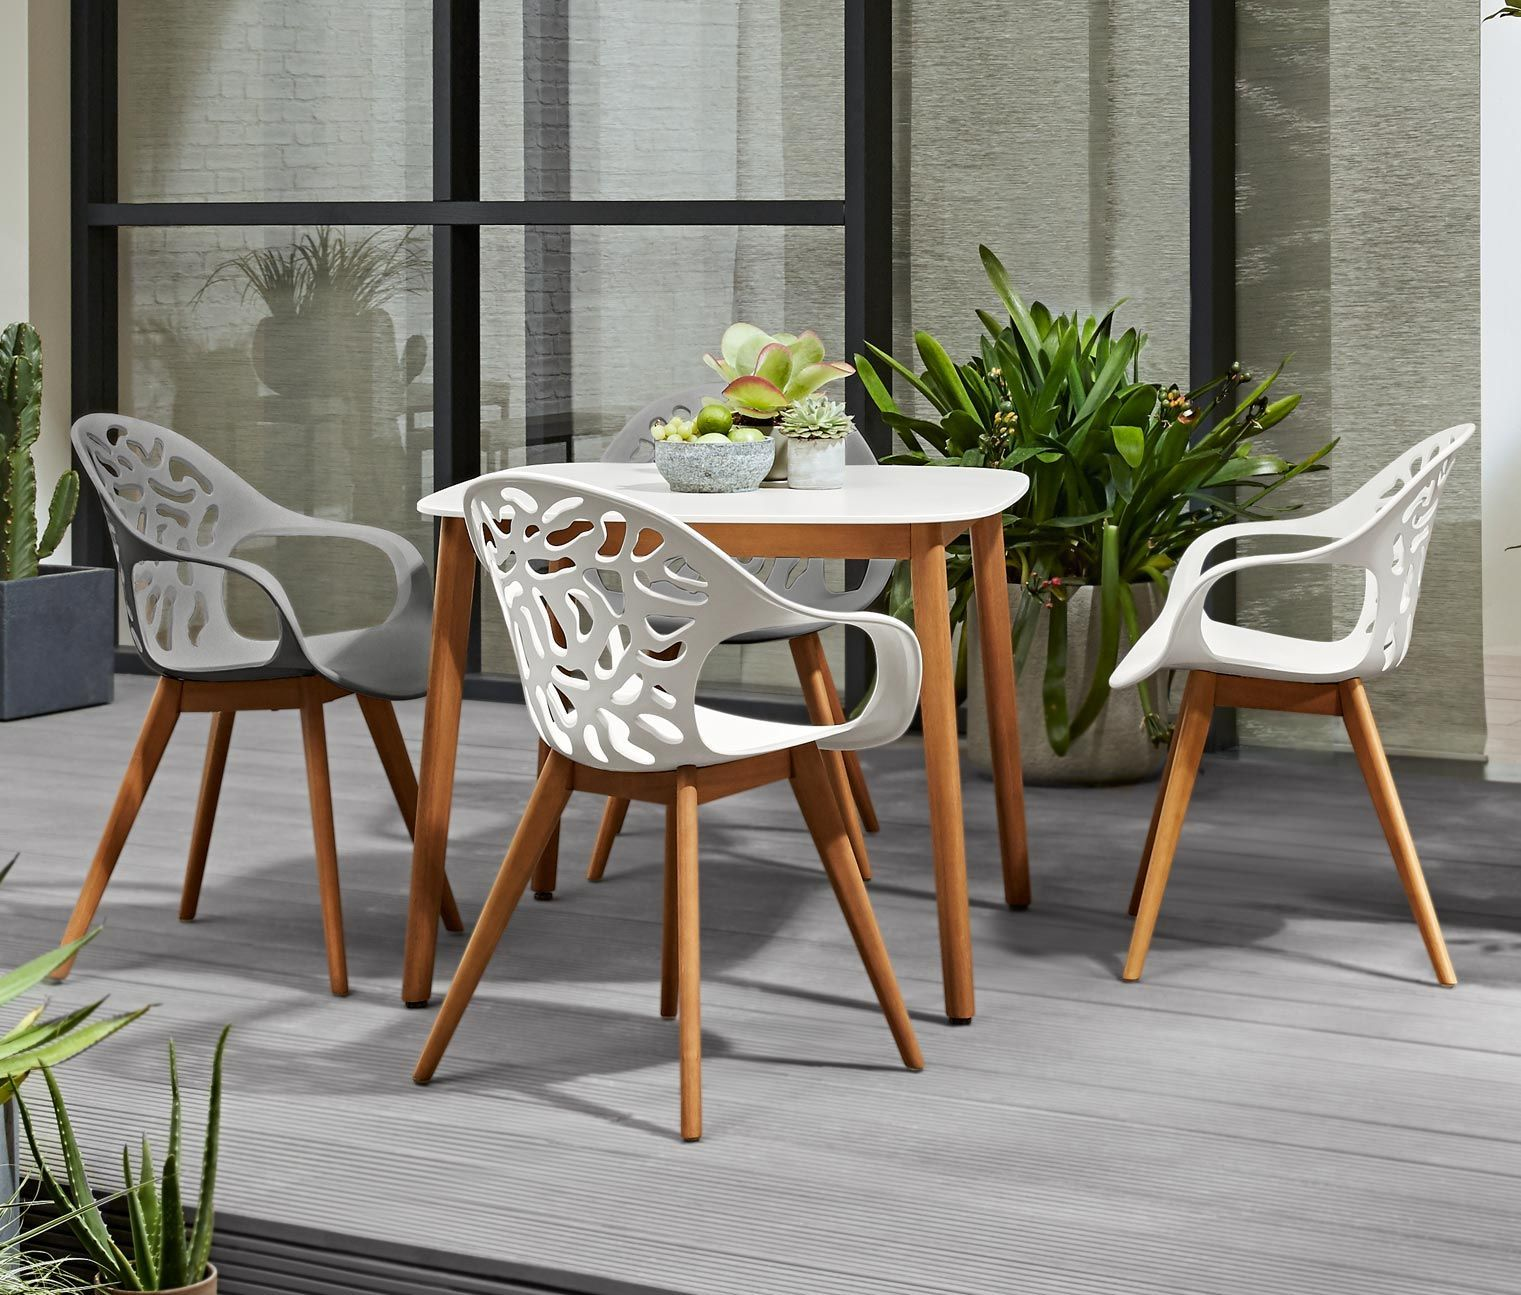 Gartentisch Mit Tchibo Gartenmobel Tischflache Gartentisch Mit Tischflache 90 X 90 Cm Online Bestellen Bei T Outdoor Furniture Sets Furniture Dining Chairs